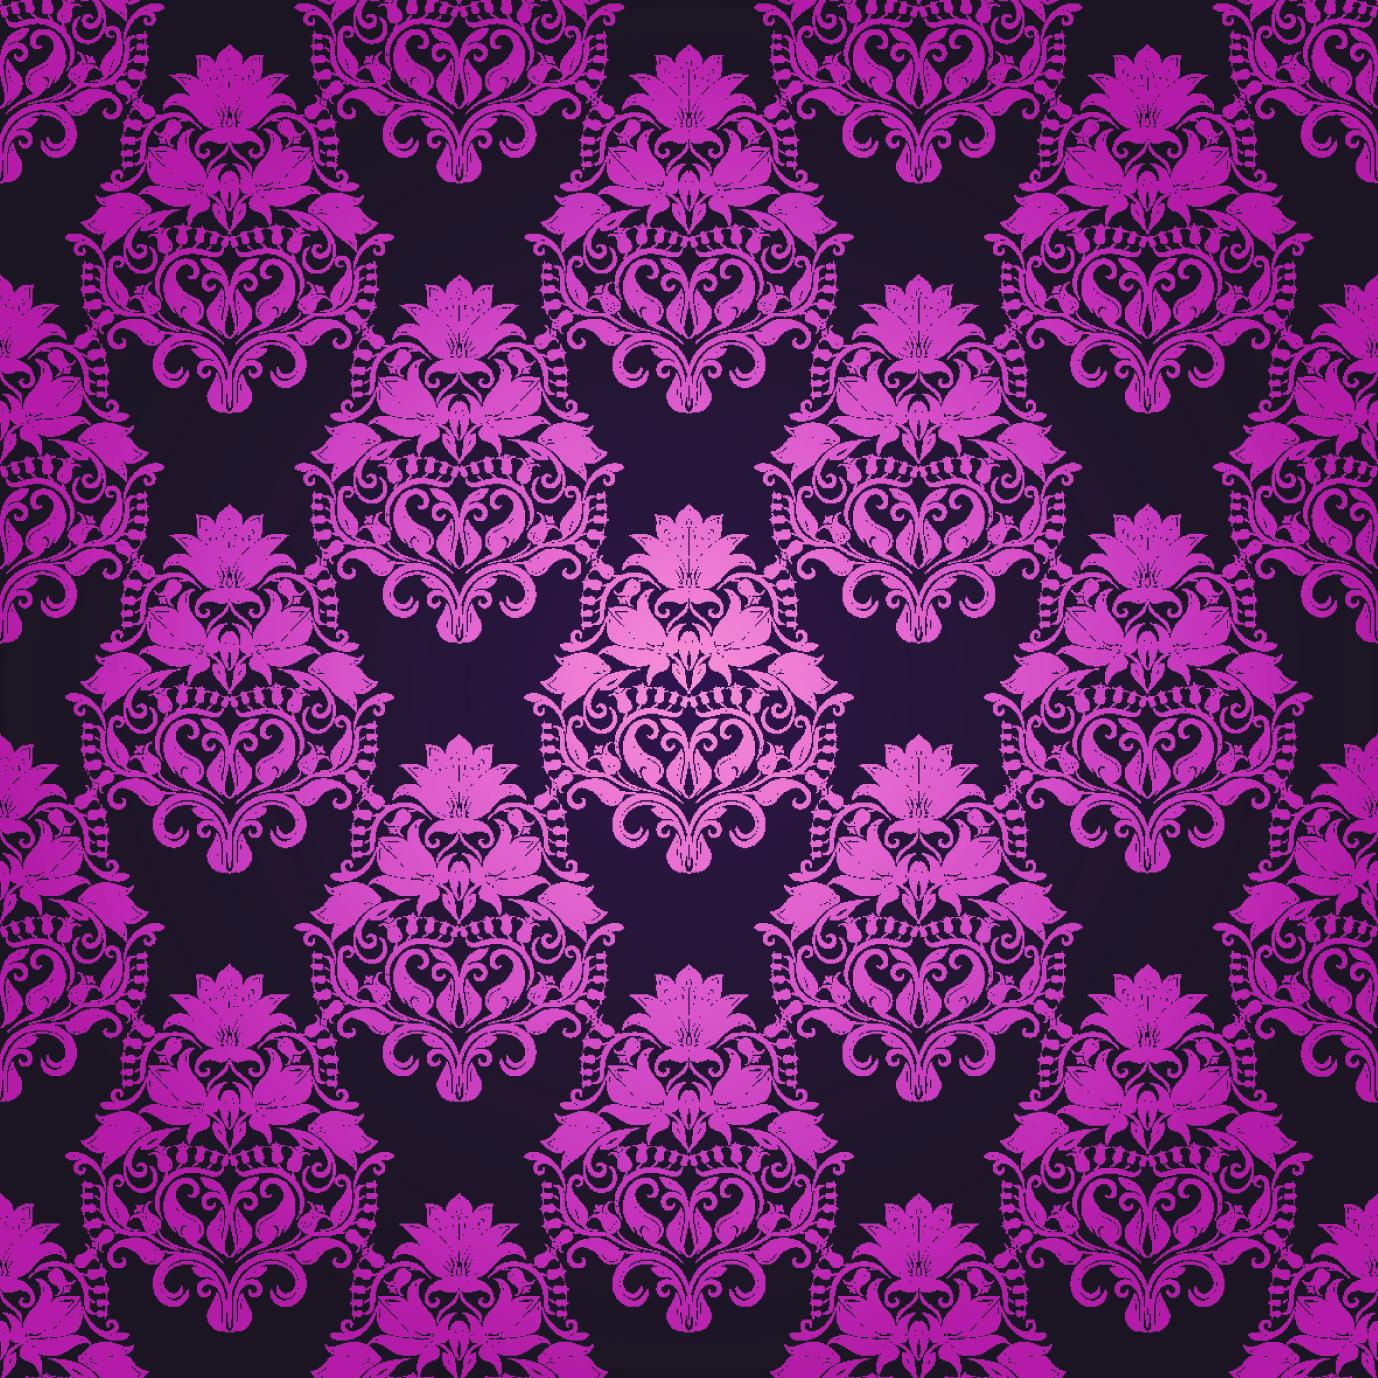 Purple floral lace background